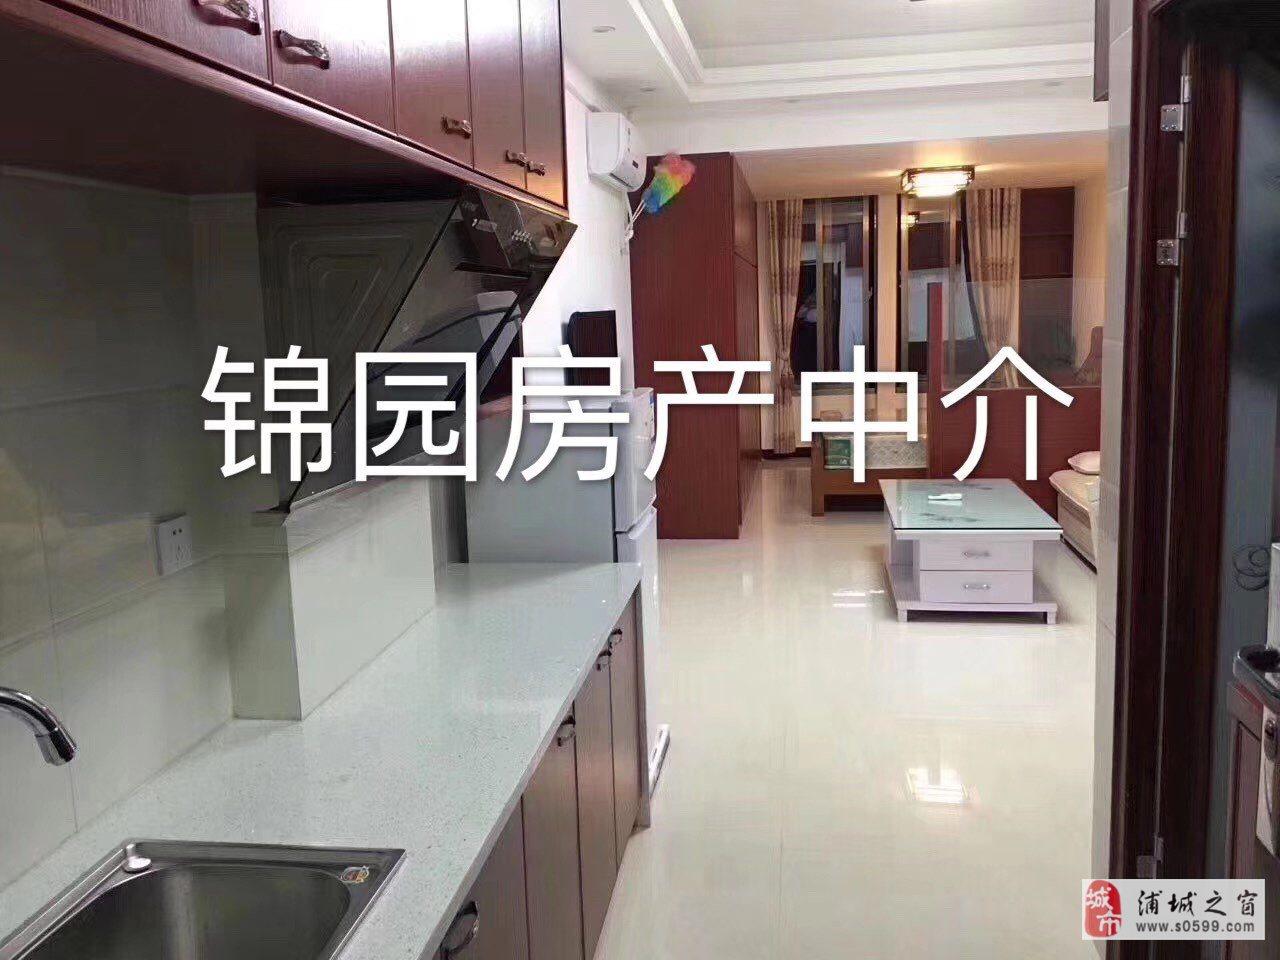 名桂首府sohu1室1厅1卫49.7万元